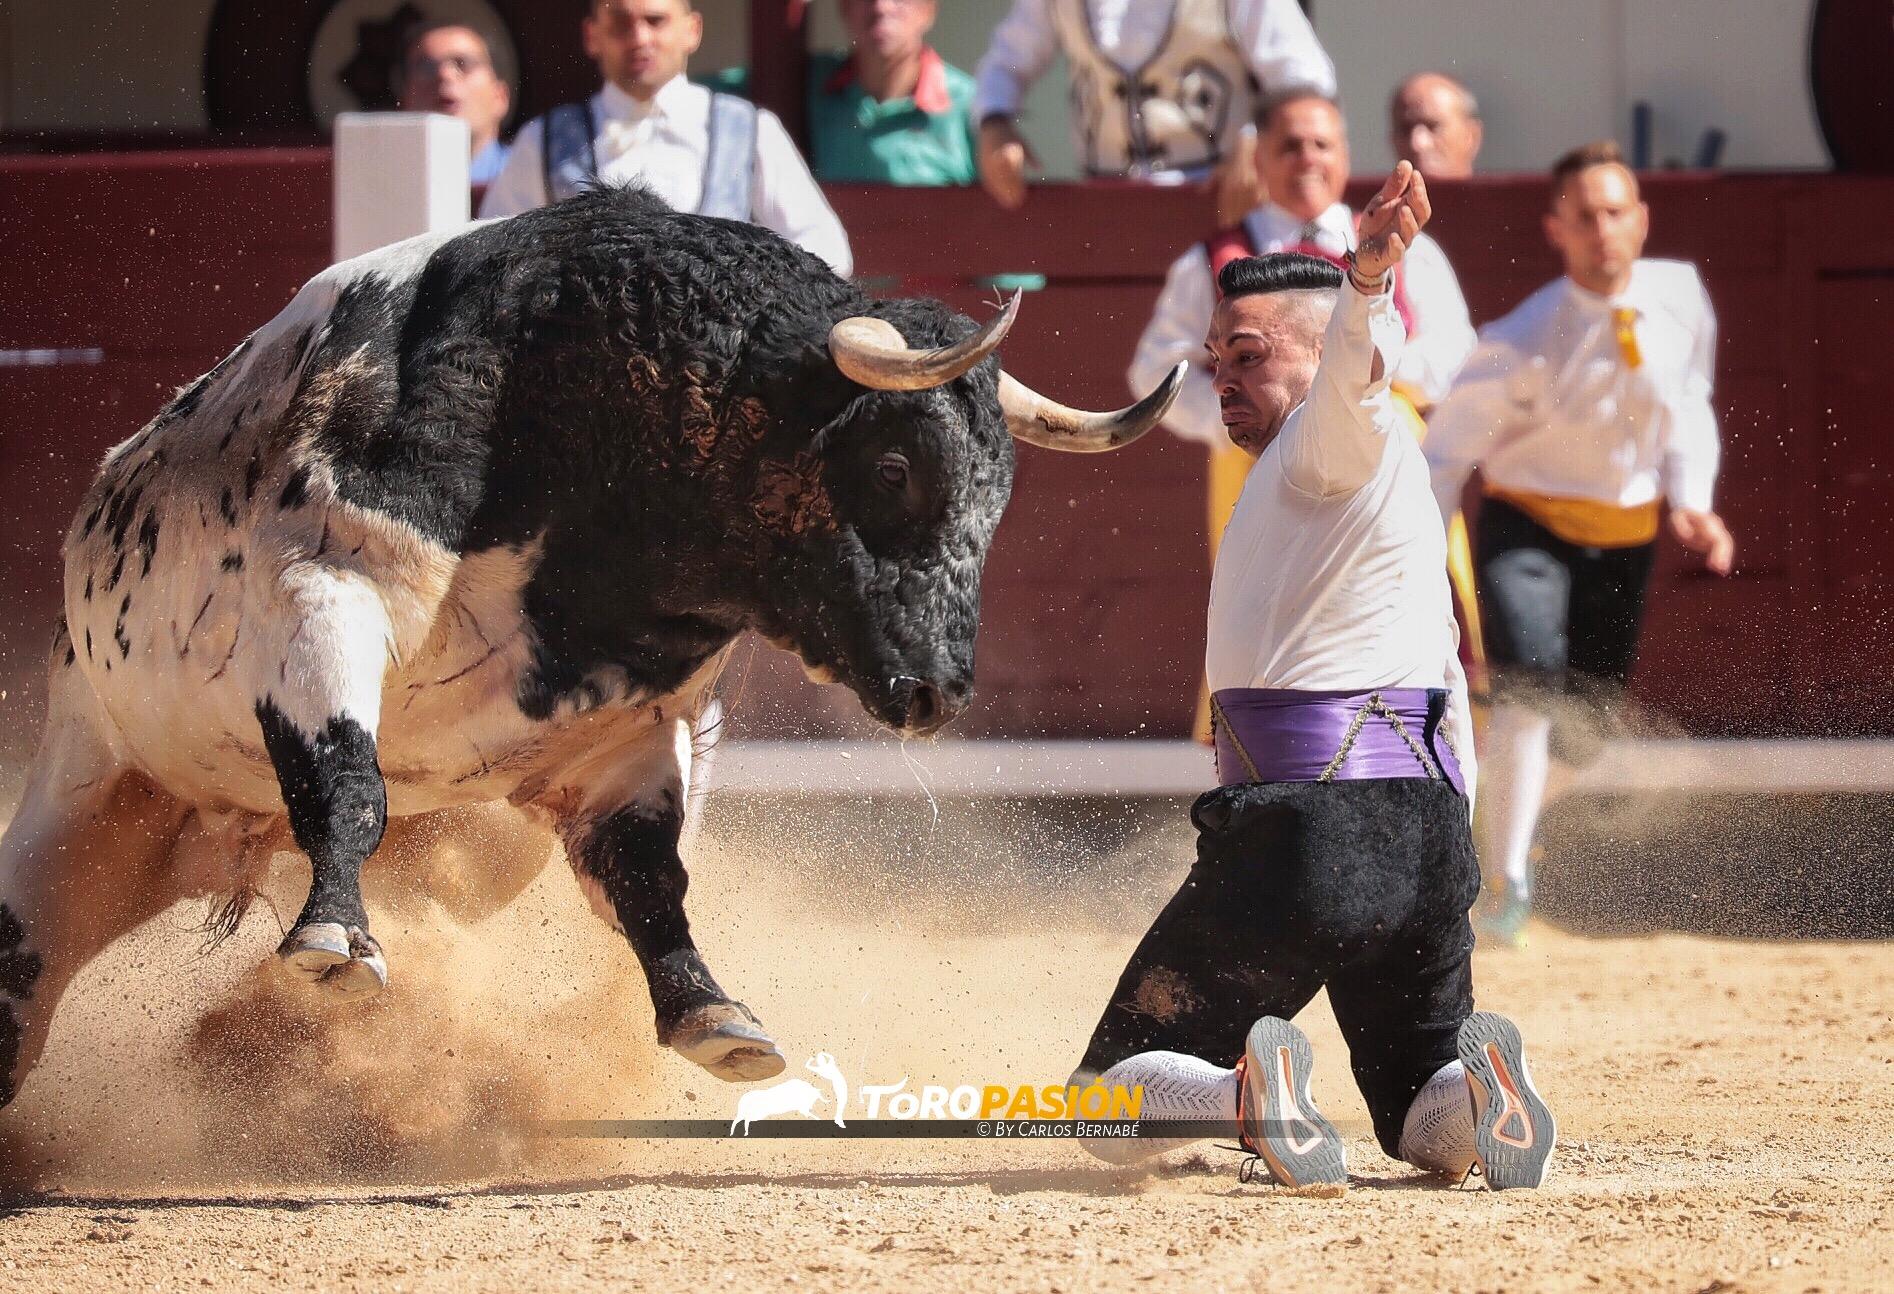 El ganador tuvo una actuación llena de coraje y valor, en una final muy reñida en la que cualquiera pudo resultar vencedor.